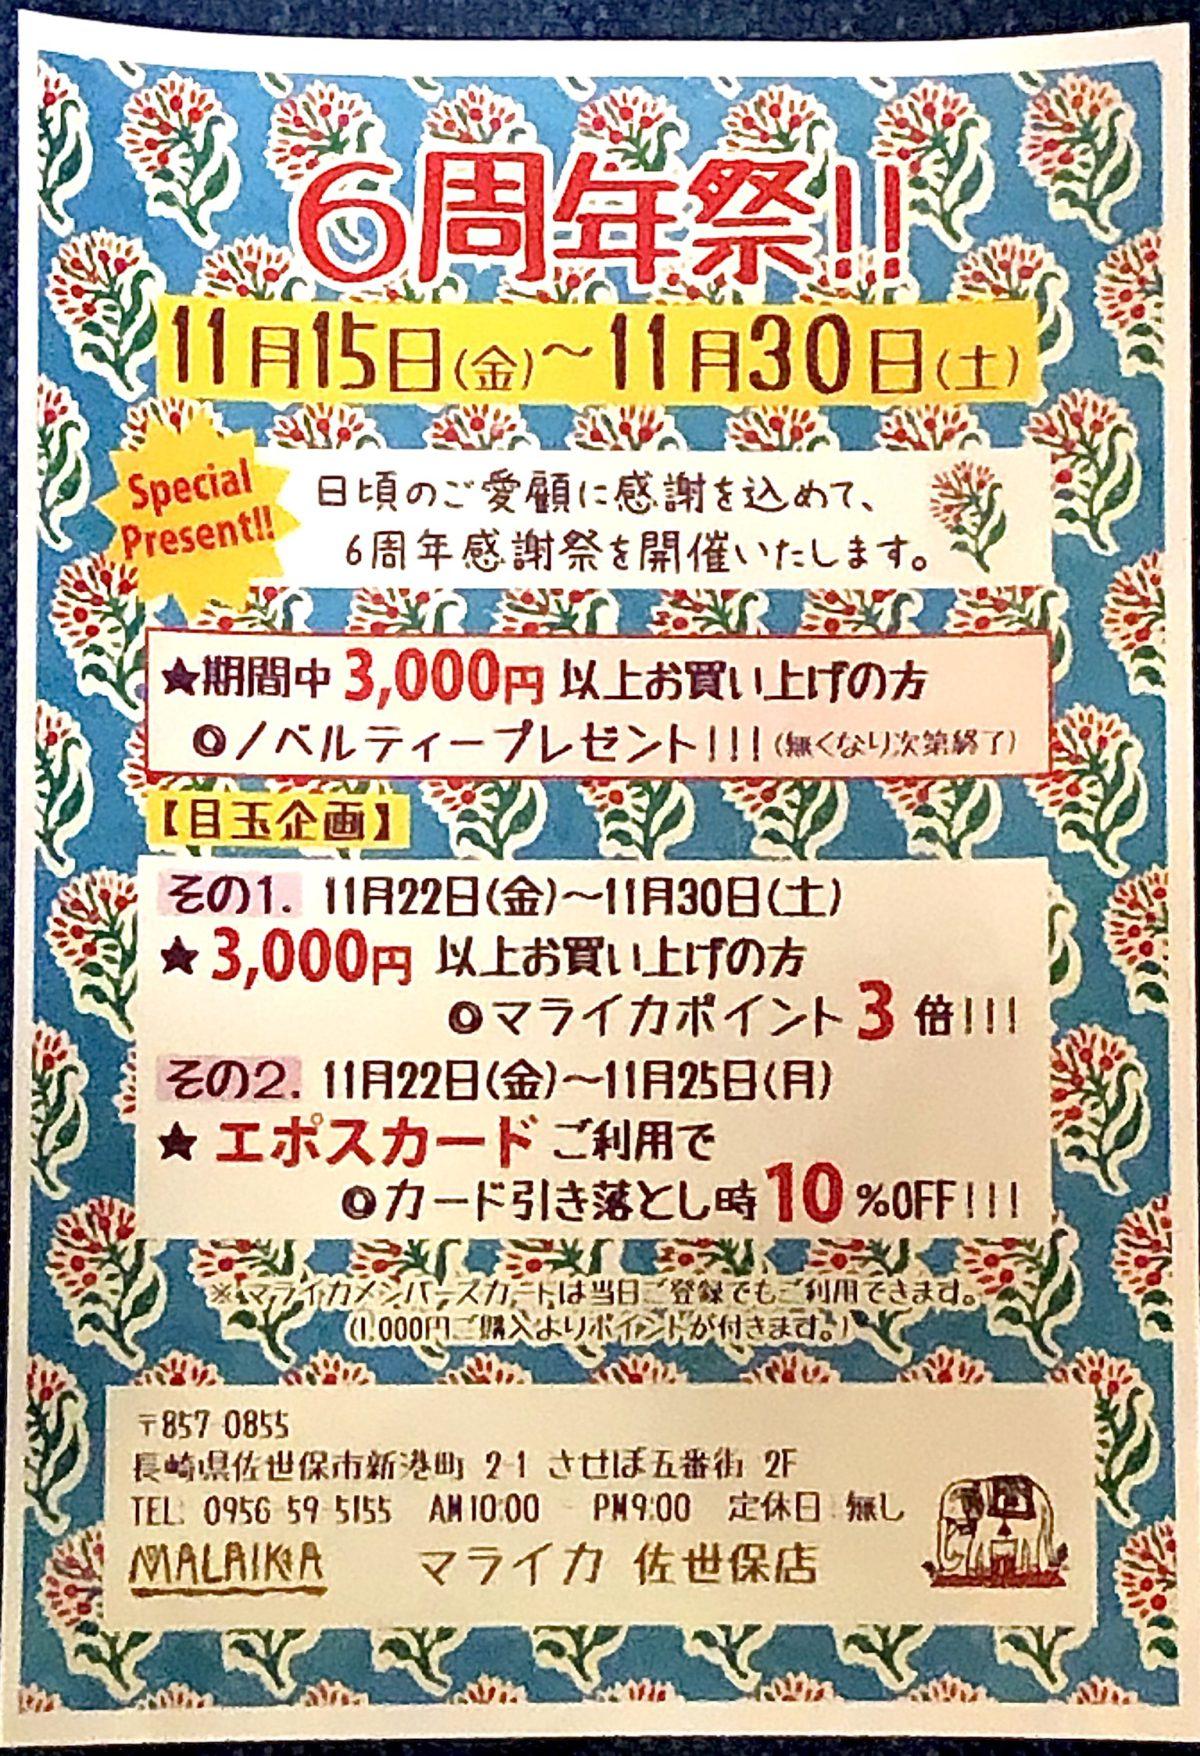 6周年祭 本日よりスタート☆